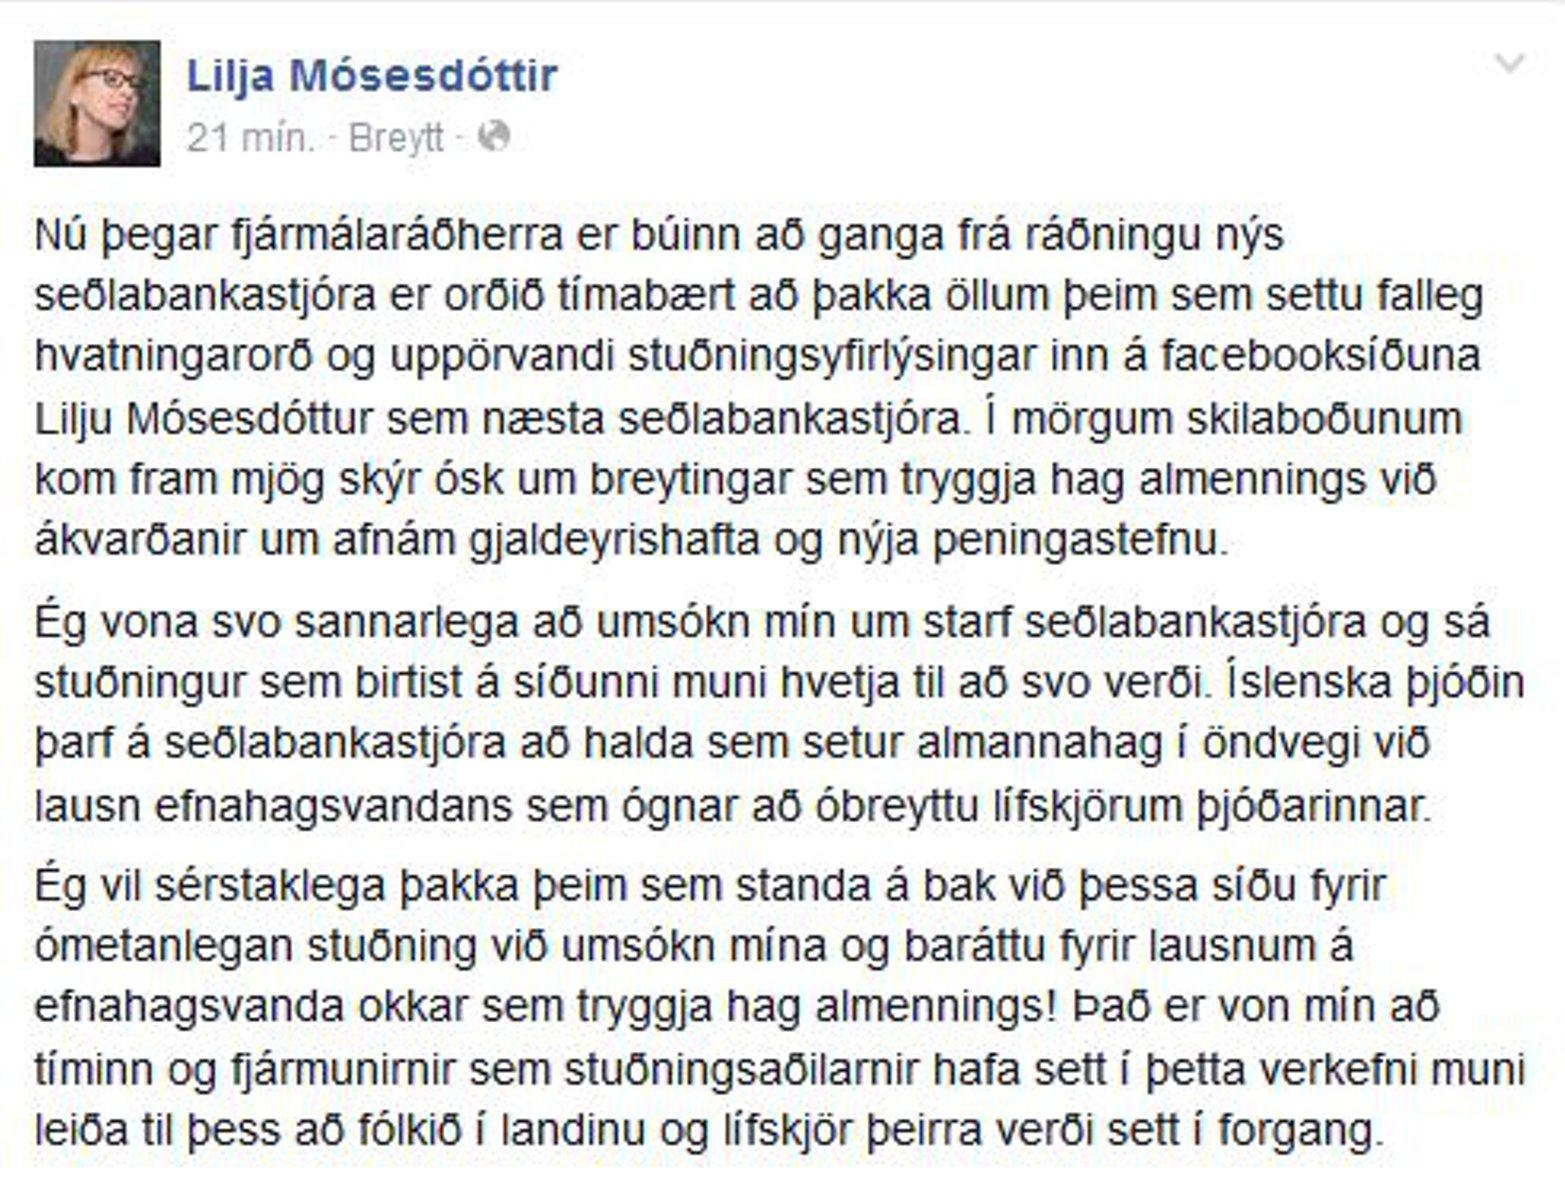 Lilju Mósesdóttur sem næsta seðlabankastjóra